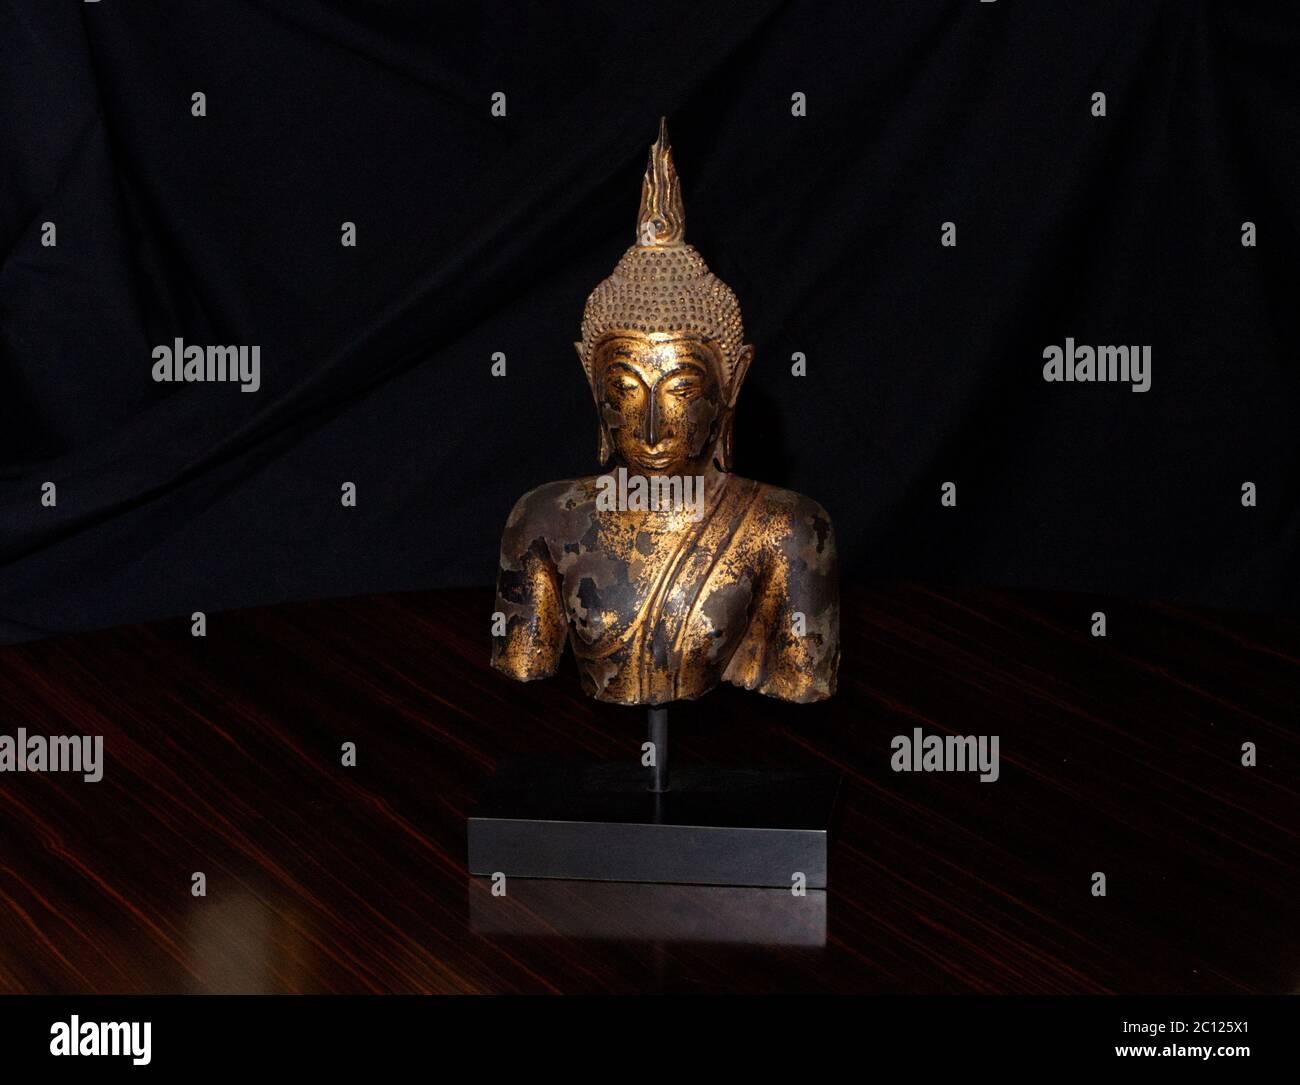 Encore la vie de Bouddha thaïlandais de bronze en fini feuille d'or. Magnifique décoration intérieure sculpture en bronze Banque D'Images